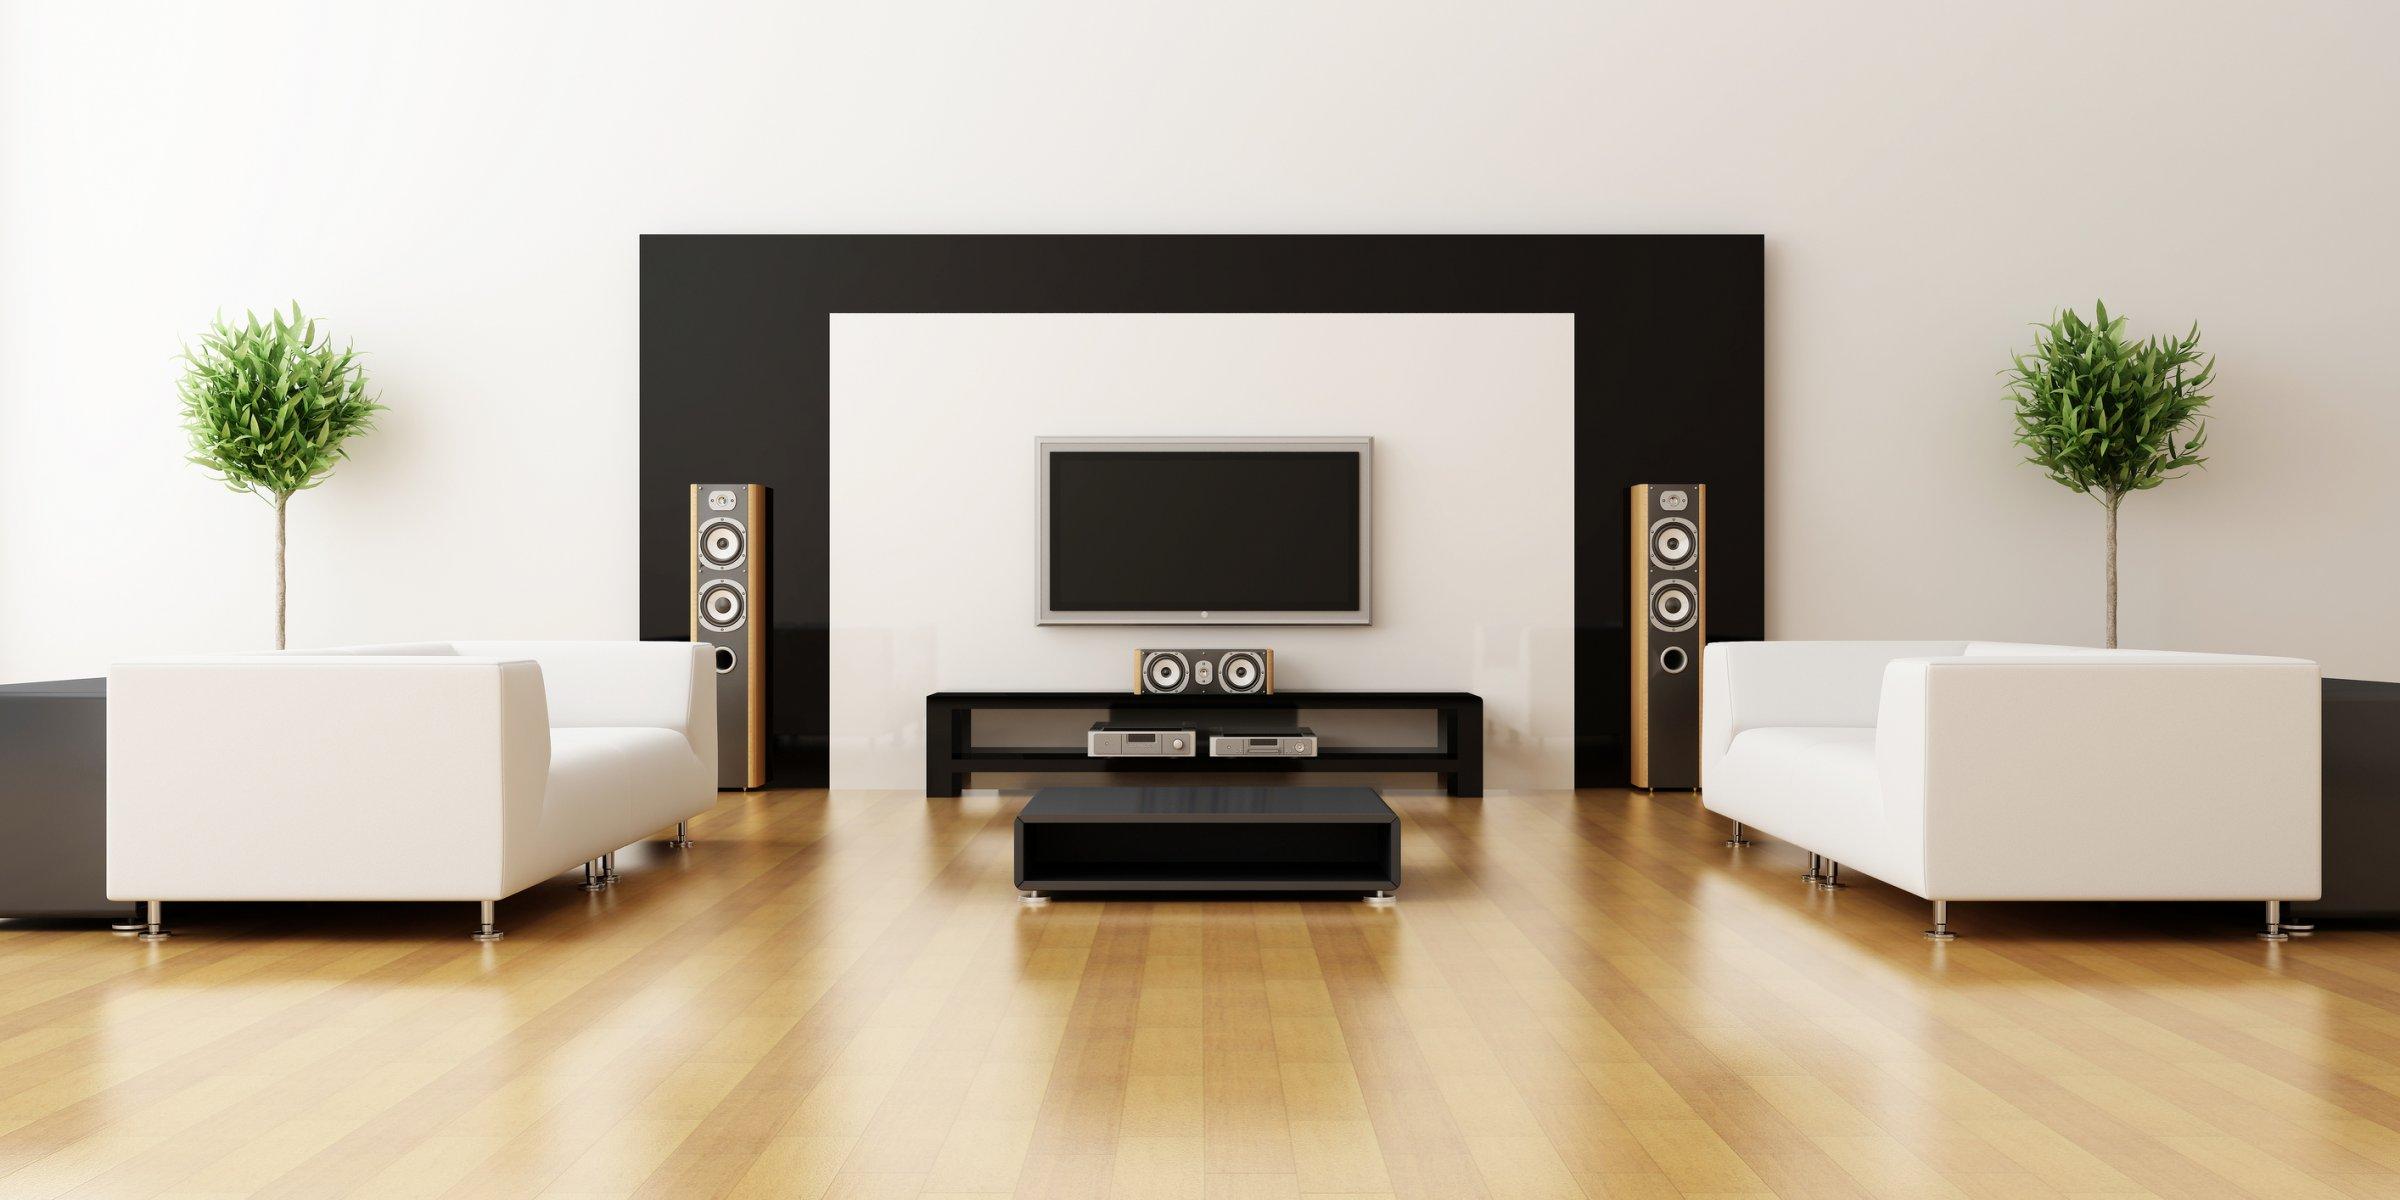 5443510-tv-wallpapers